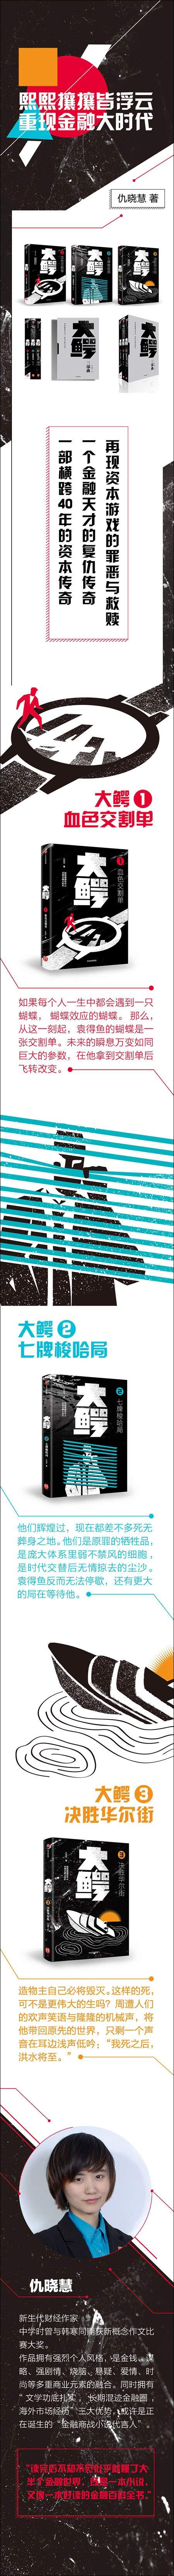 《大鳄三部曲》仇晓慧 epub+mobi+azw3下载